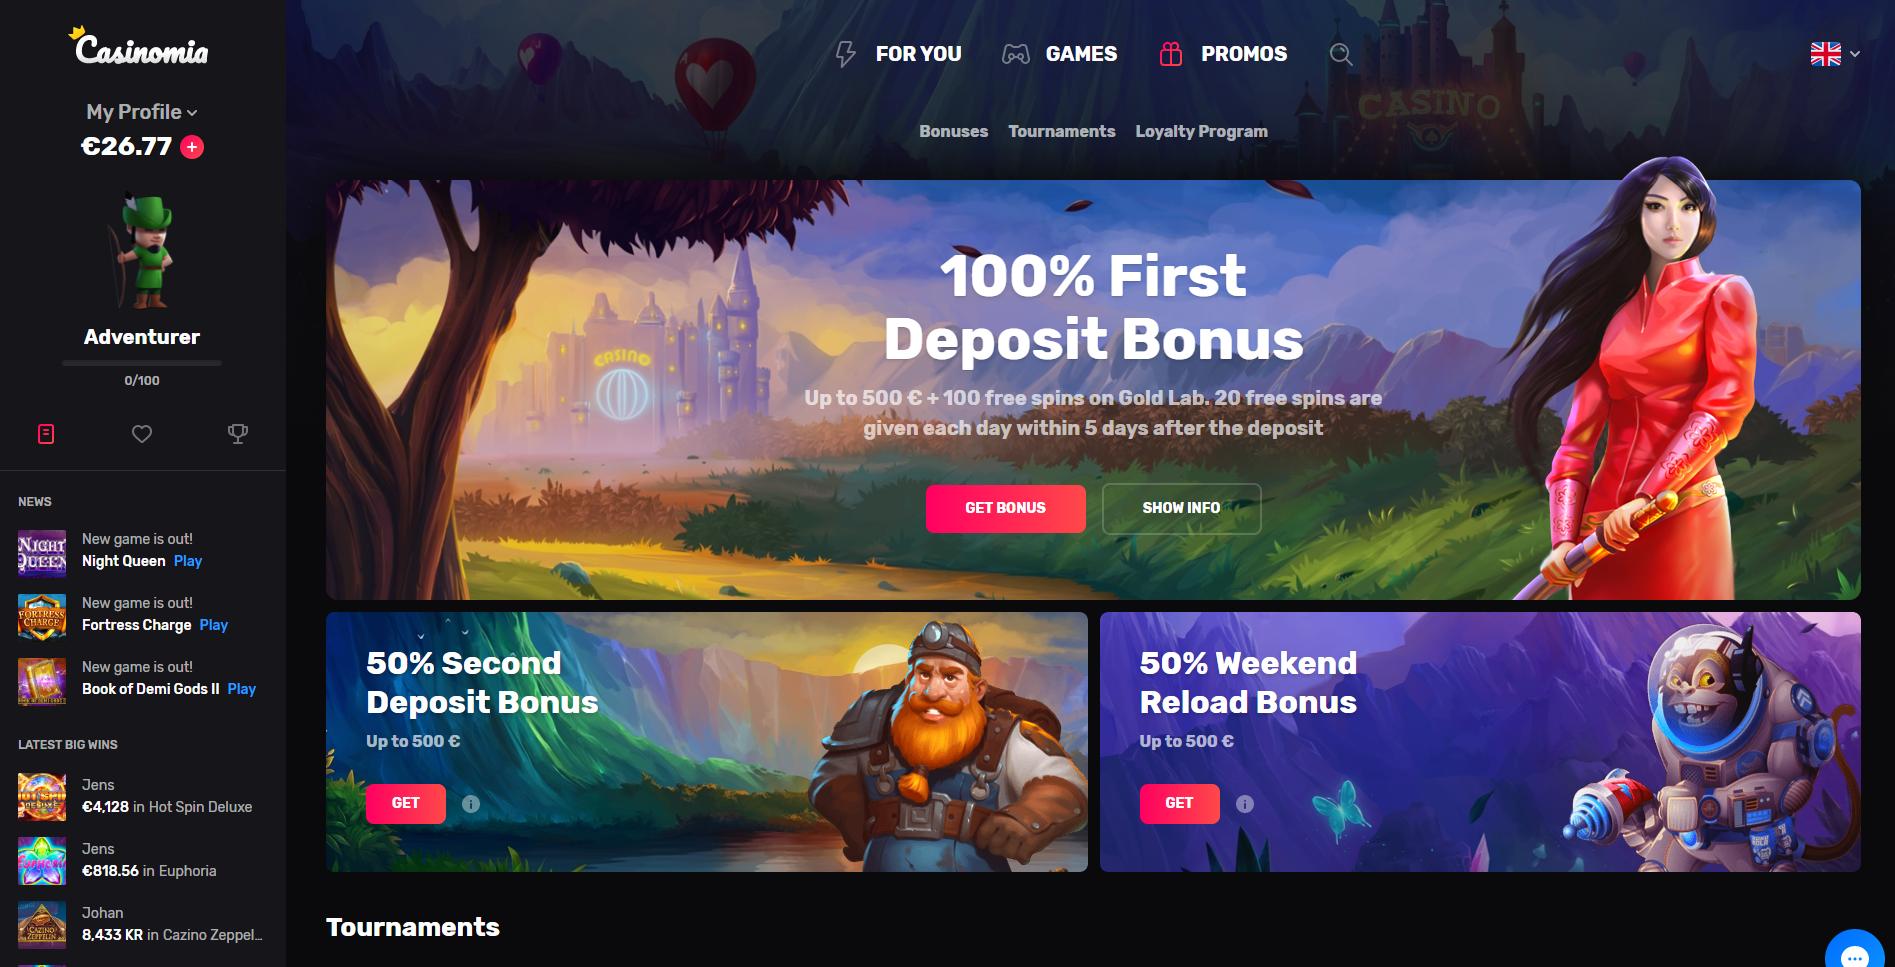 casinomia casino bonus free spins - 100% first deposit bonus 500€ sakura fortune weekend reload bonus - casinomia no deposit bonus code promo code